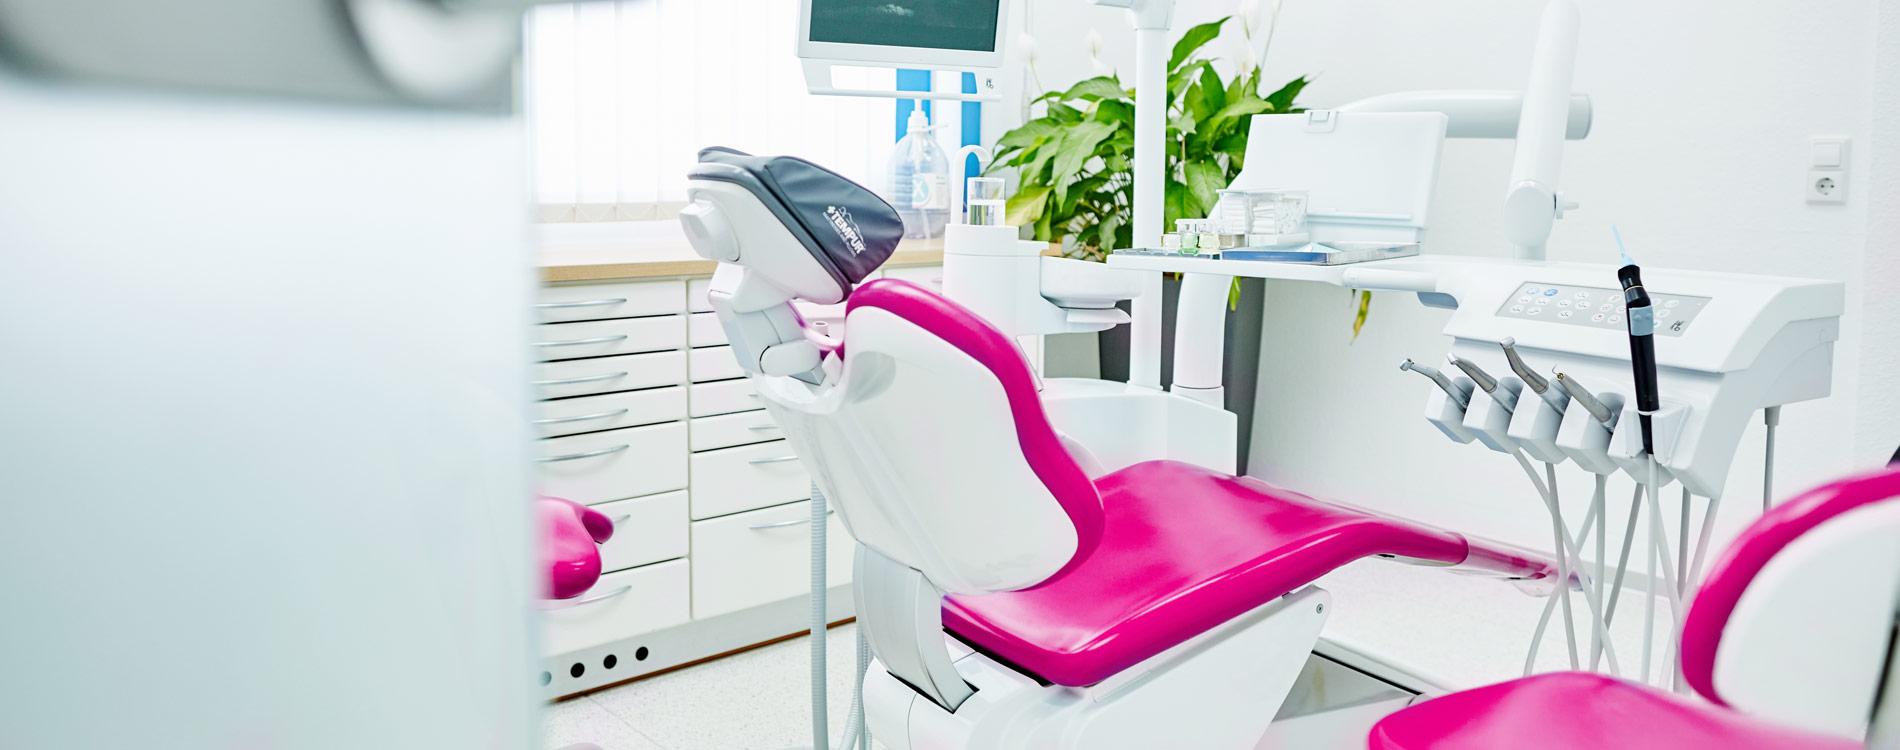 Zahnarztpraxis Ingo Lange - Kieferchirurgische Operationen 1